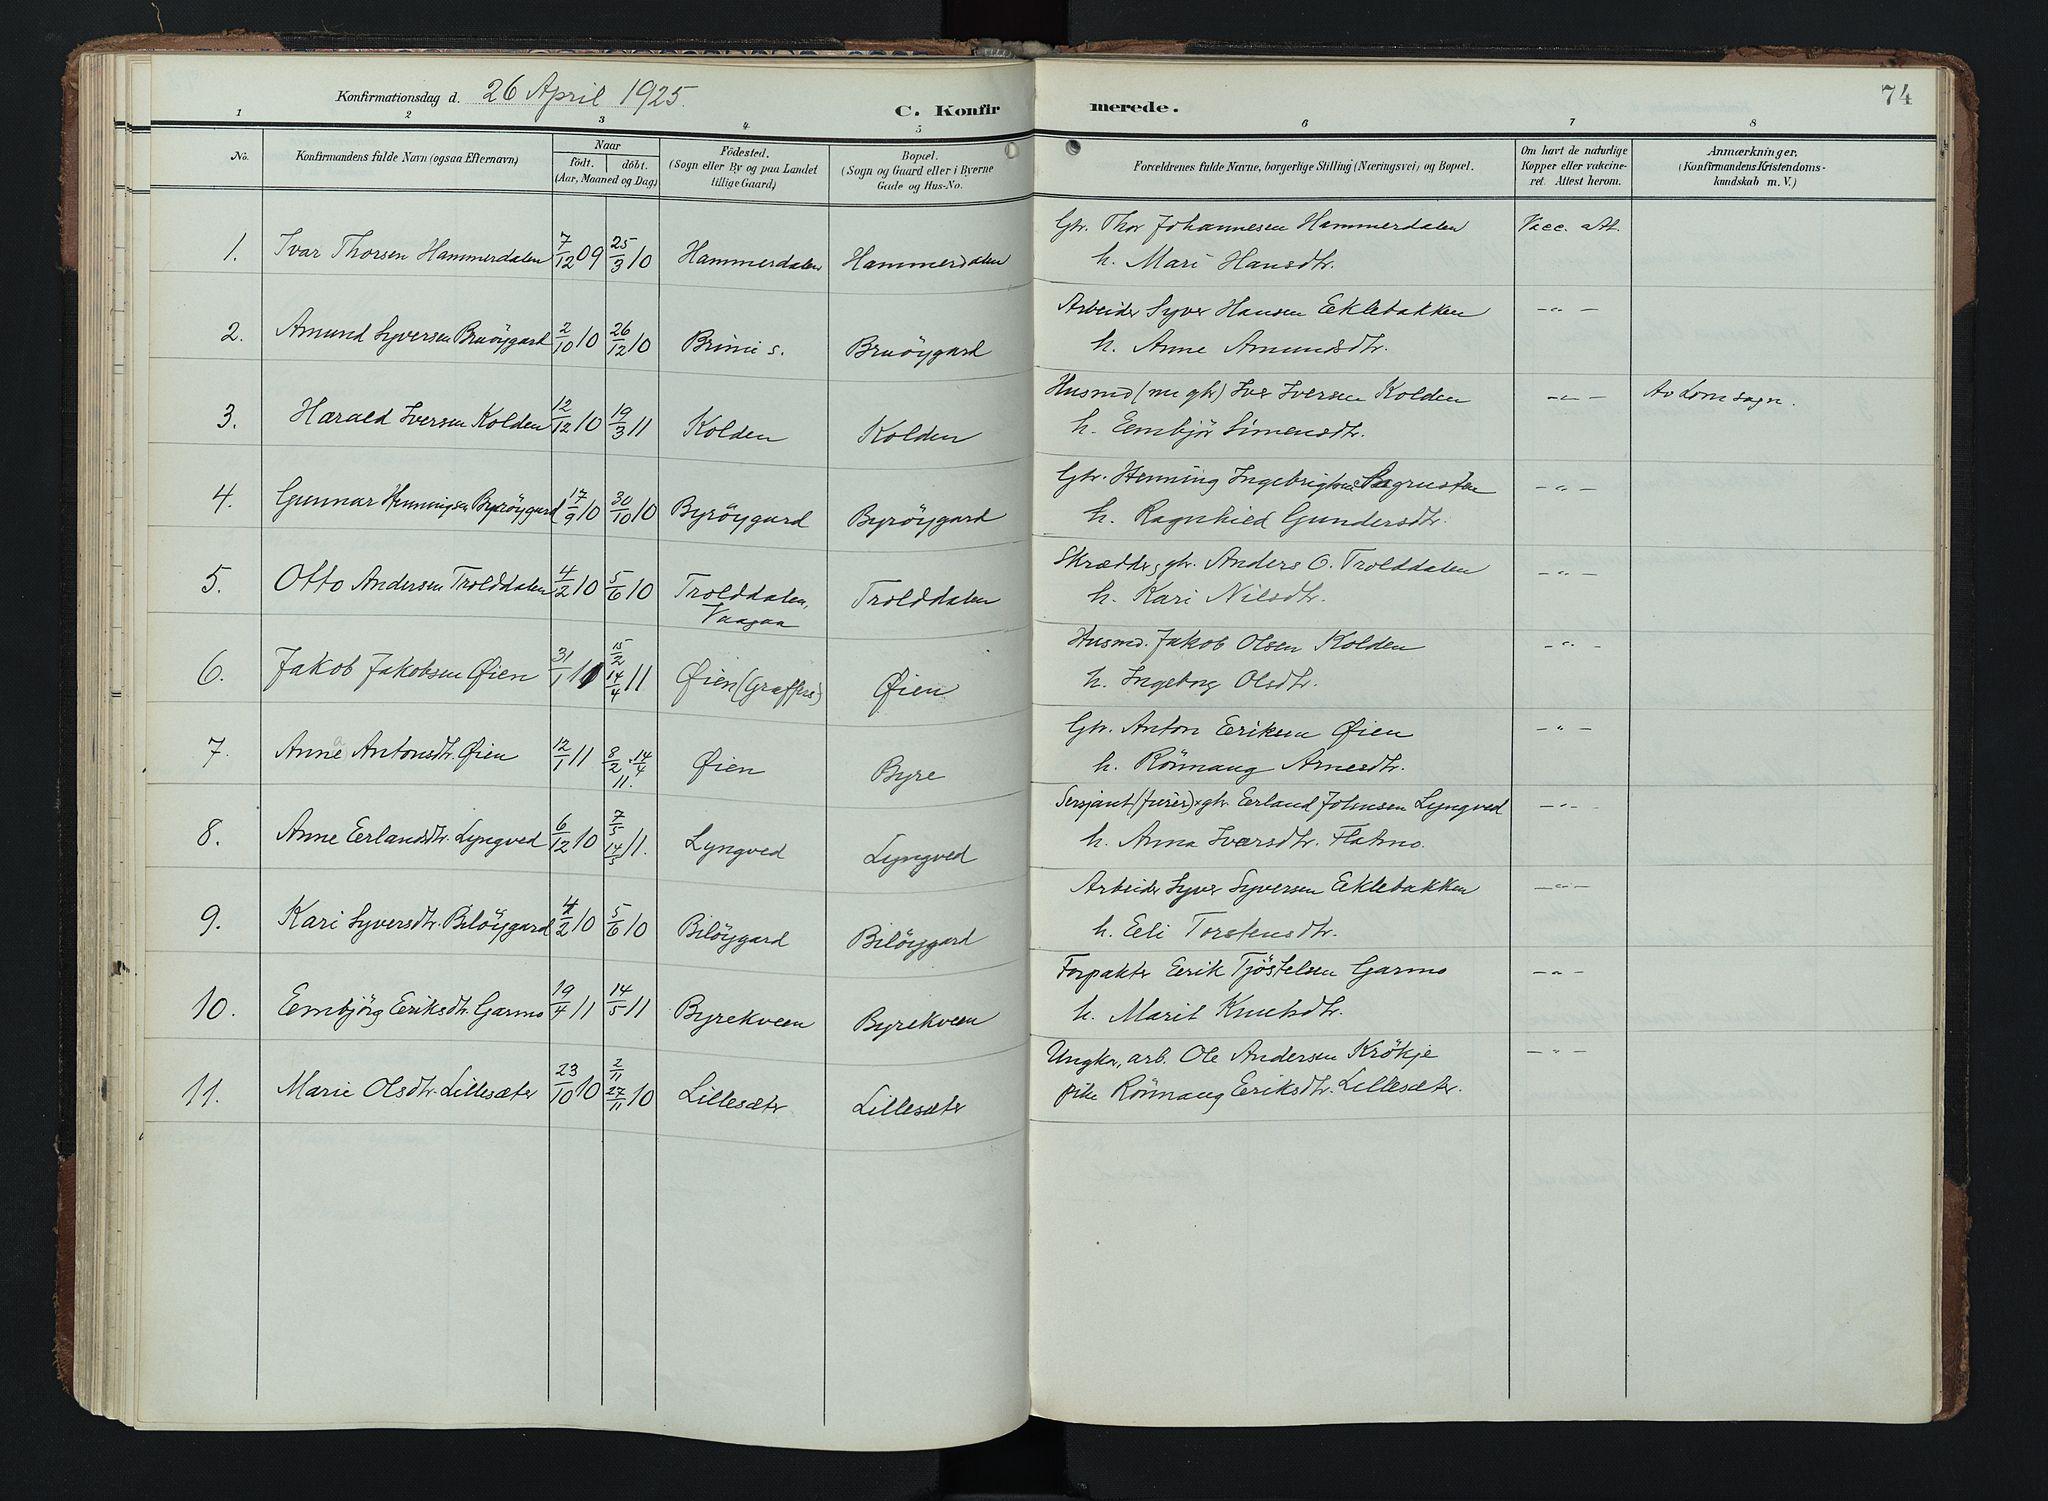 SAH, Lom prestekontor, K/L0011: Ministerialbok nr. 11, 1904-1928, s. 74